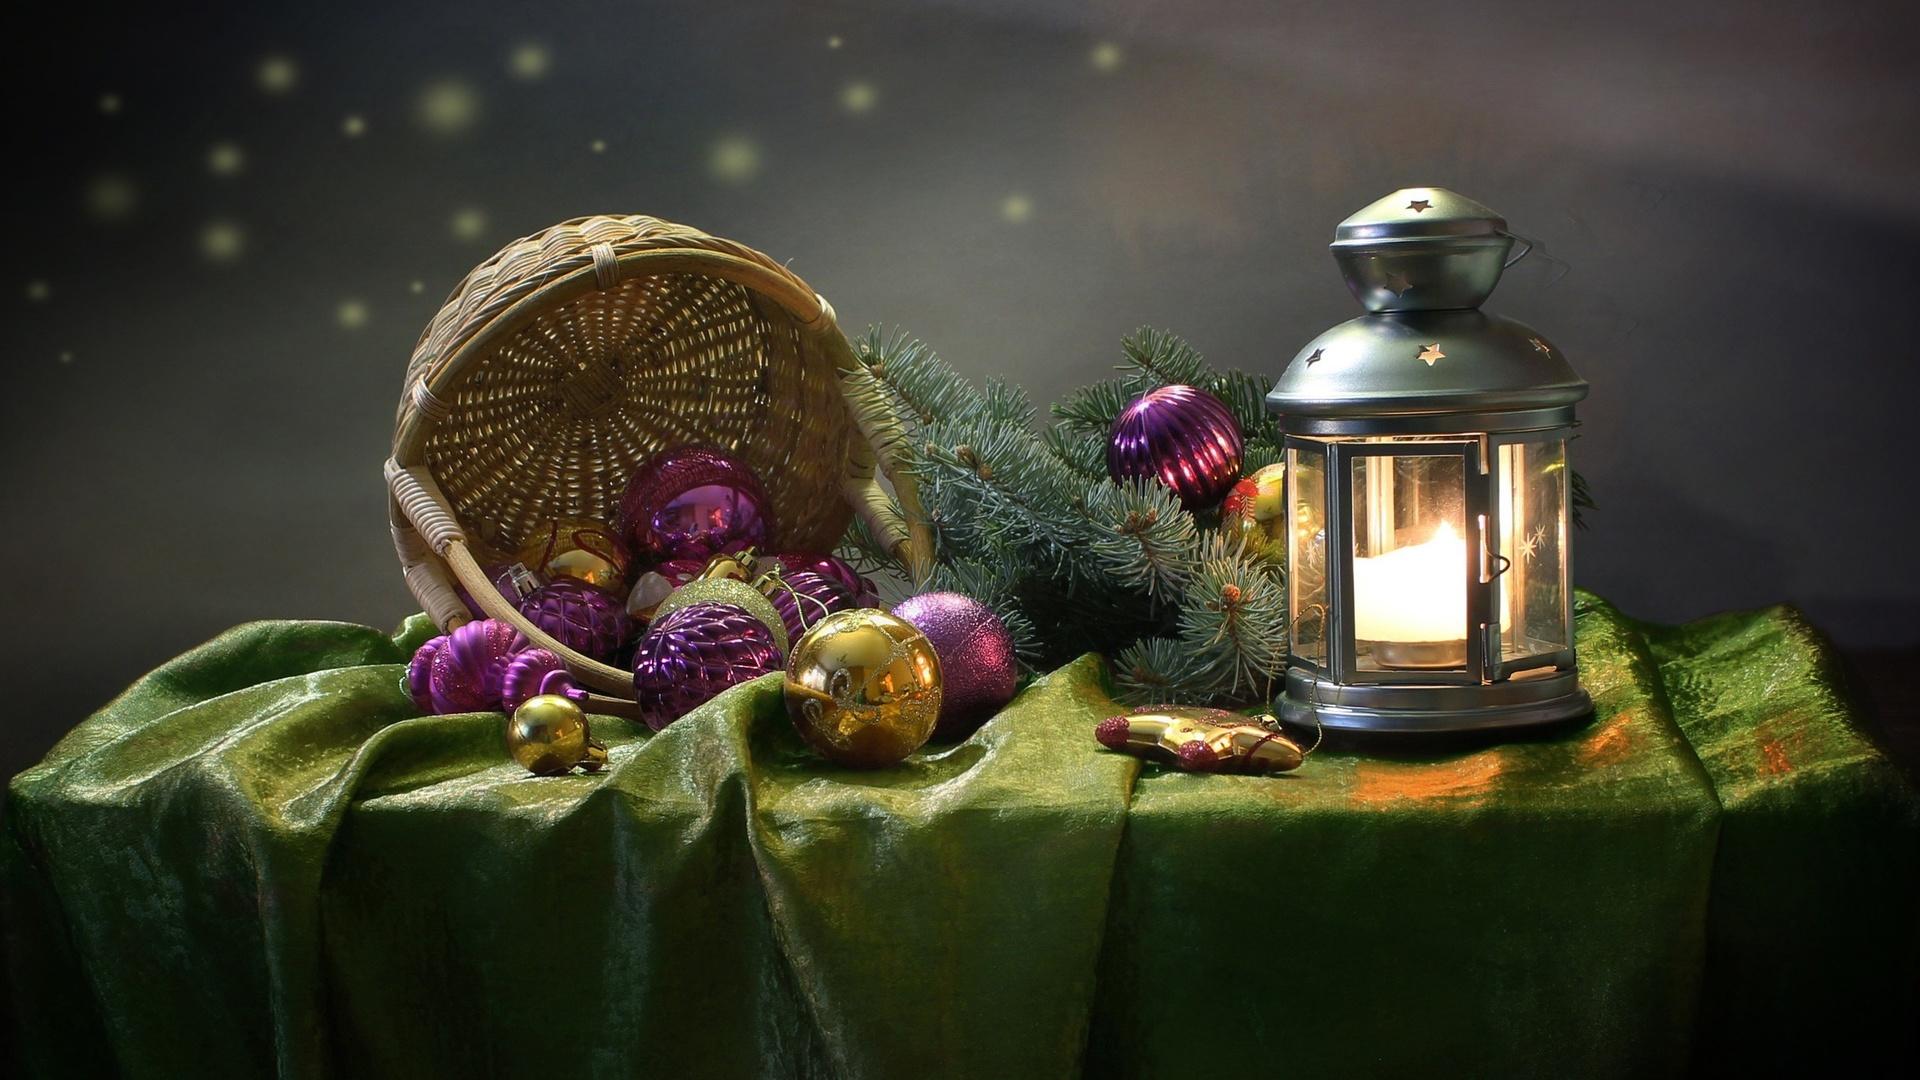 праздник, новый год, рождество, столик, скатерть, корзина, игрушки, шары, ветки, ель, ёлка, хвоя, фонарь, свеча